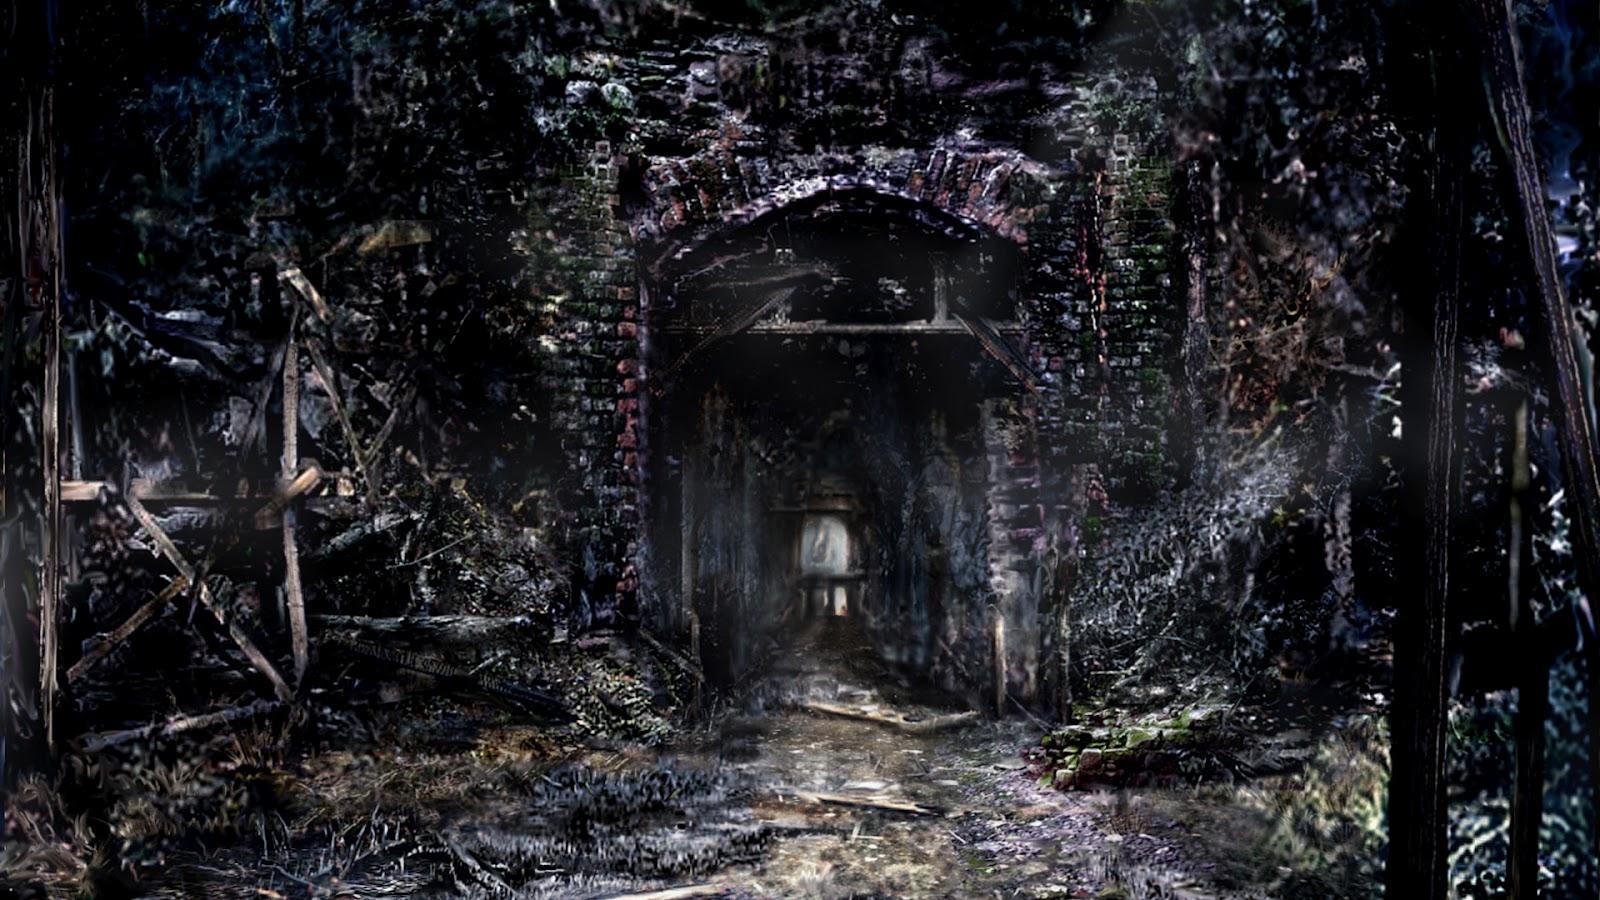 http://4.bp.blogspot.com/-V-IyfbCStAQ/UBYVfGlEHJI/AAAAAAAAGM8/uTZciO-LSJU/s1600/resident-evil+4-saga-28.jpg